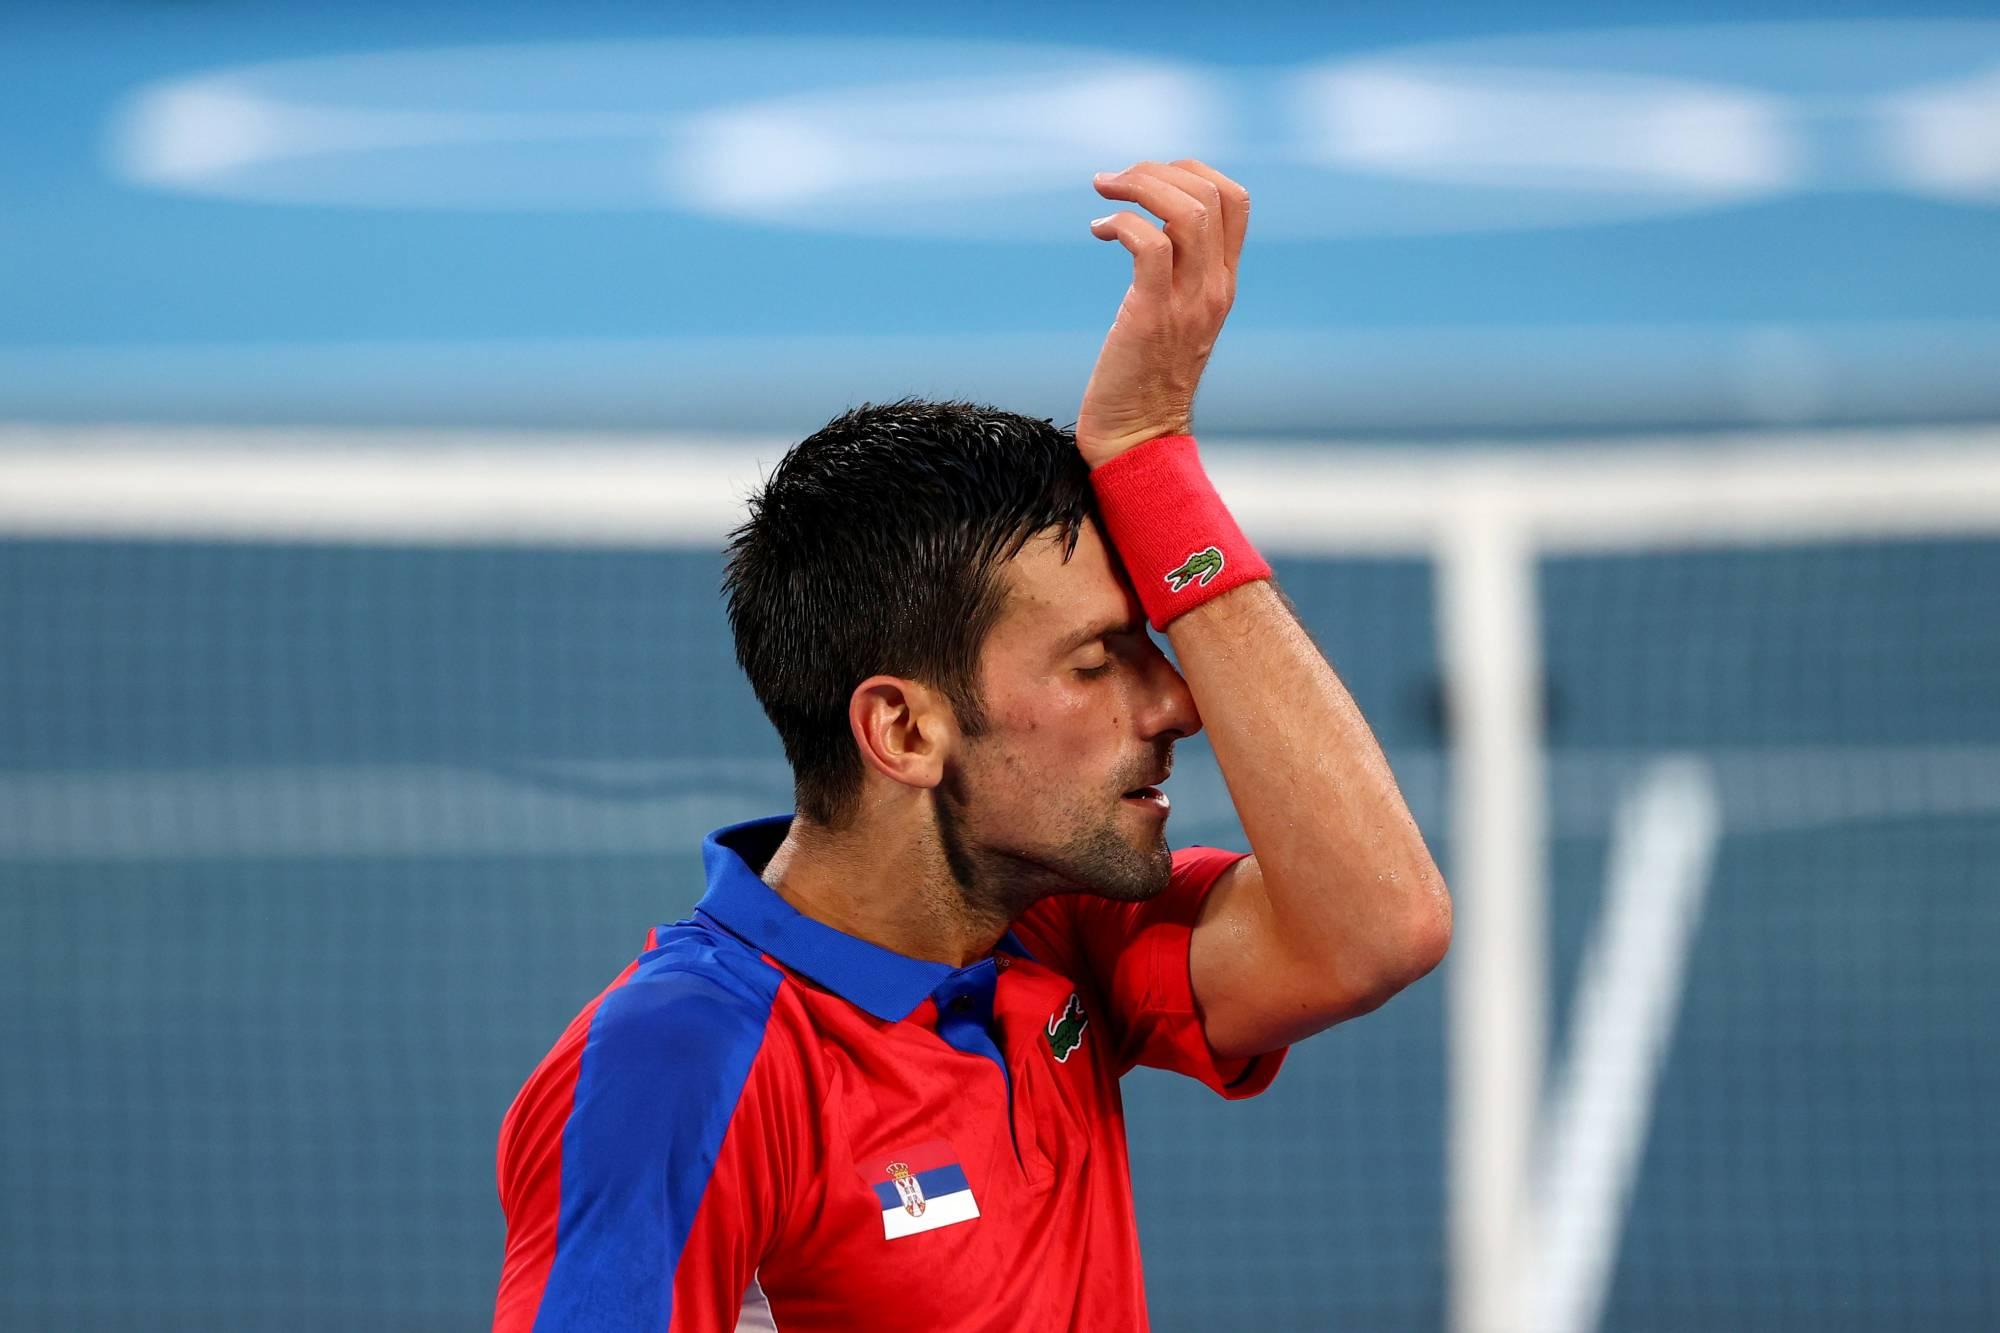 Novak Djokovic loses to Pablo Carreno Busta in bronze-medal match